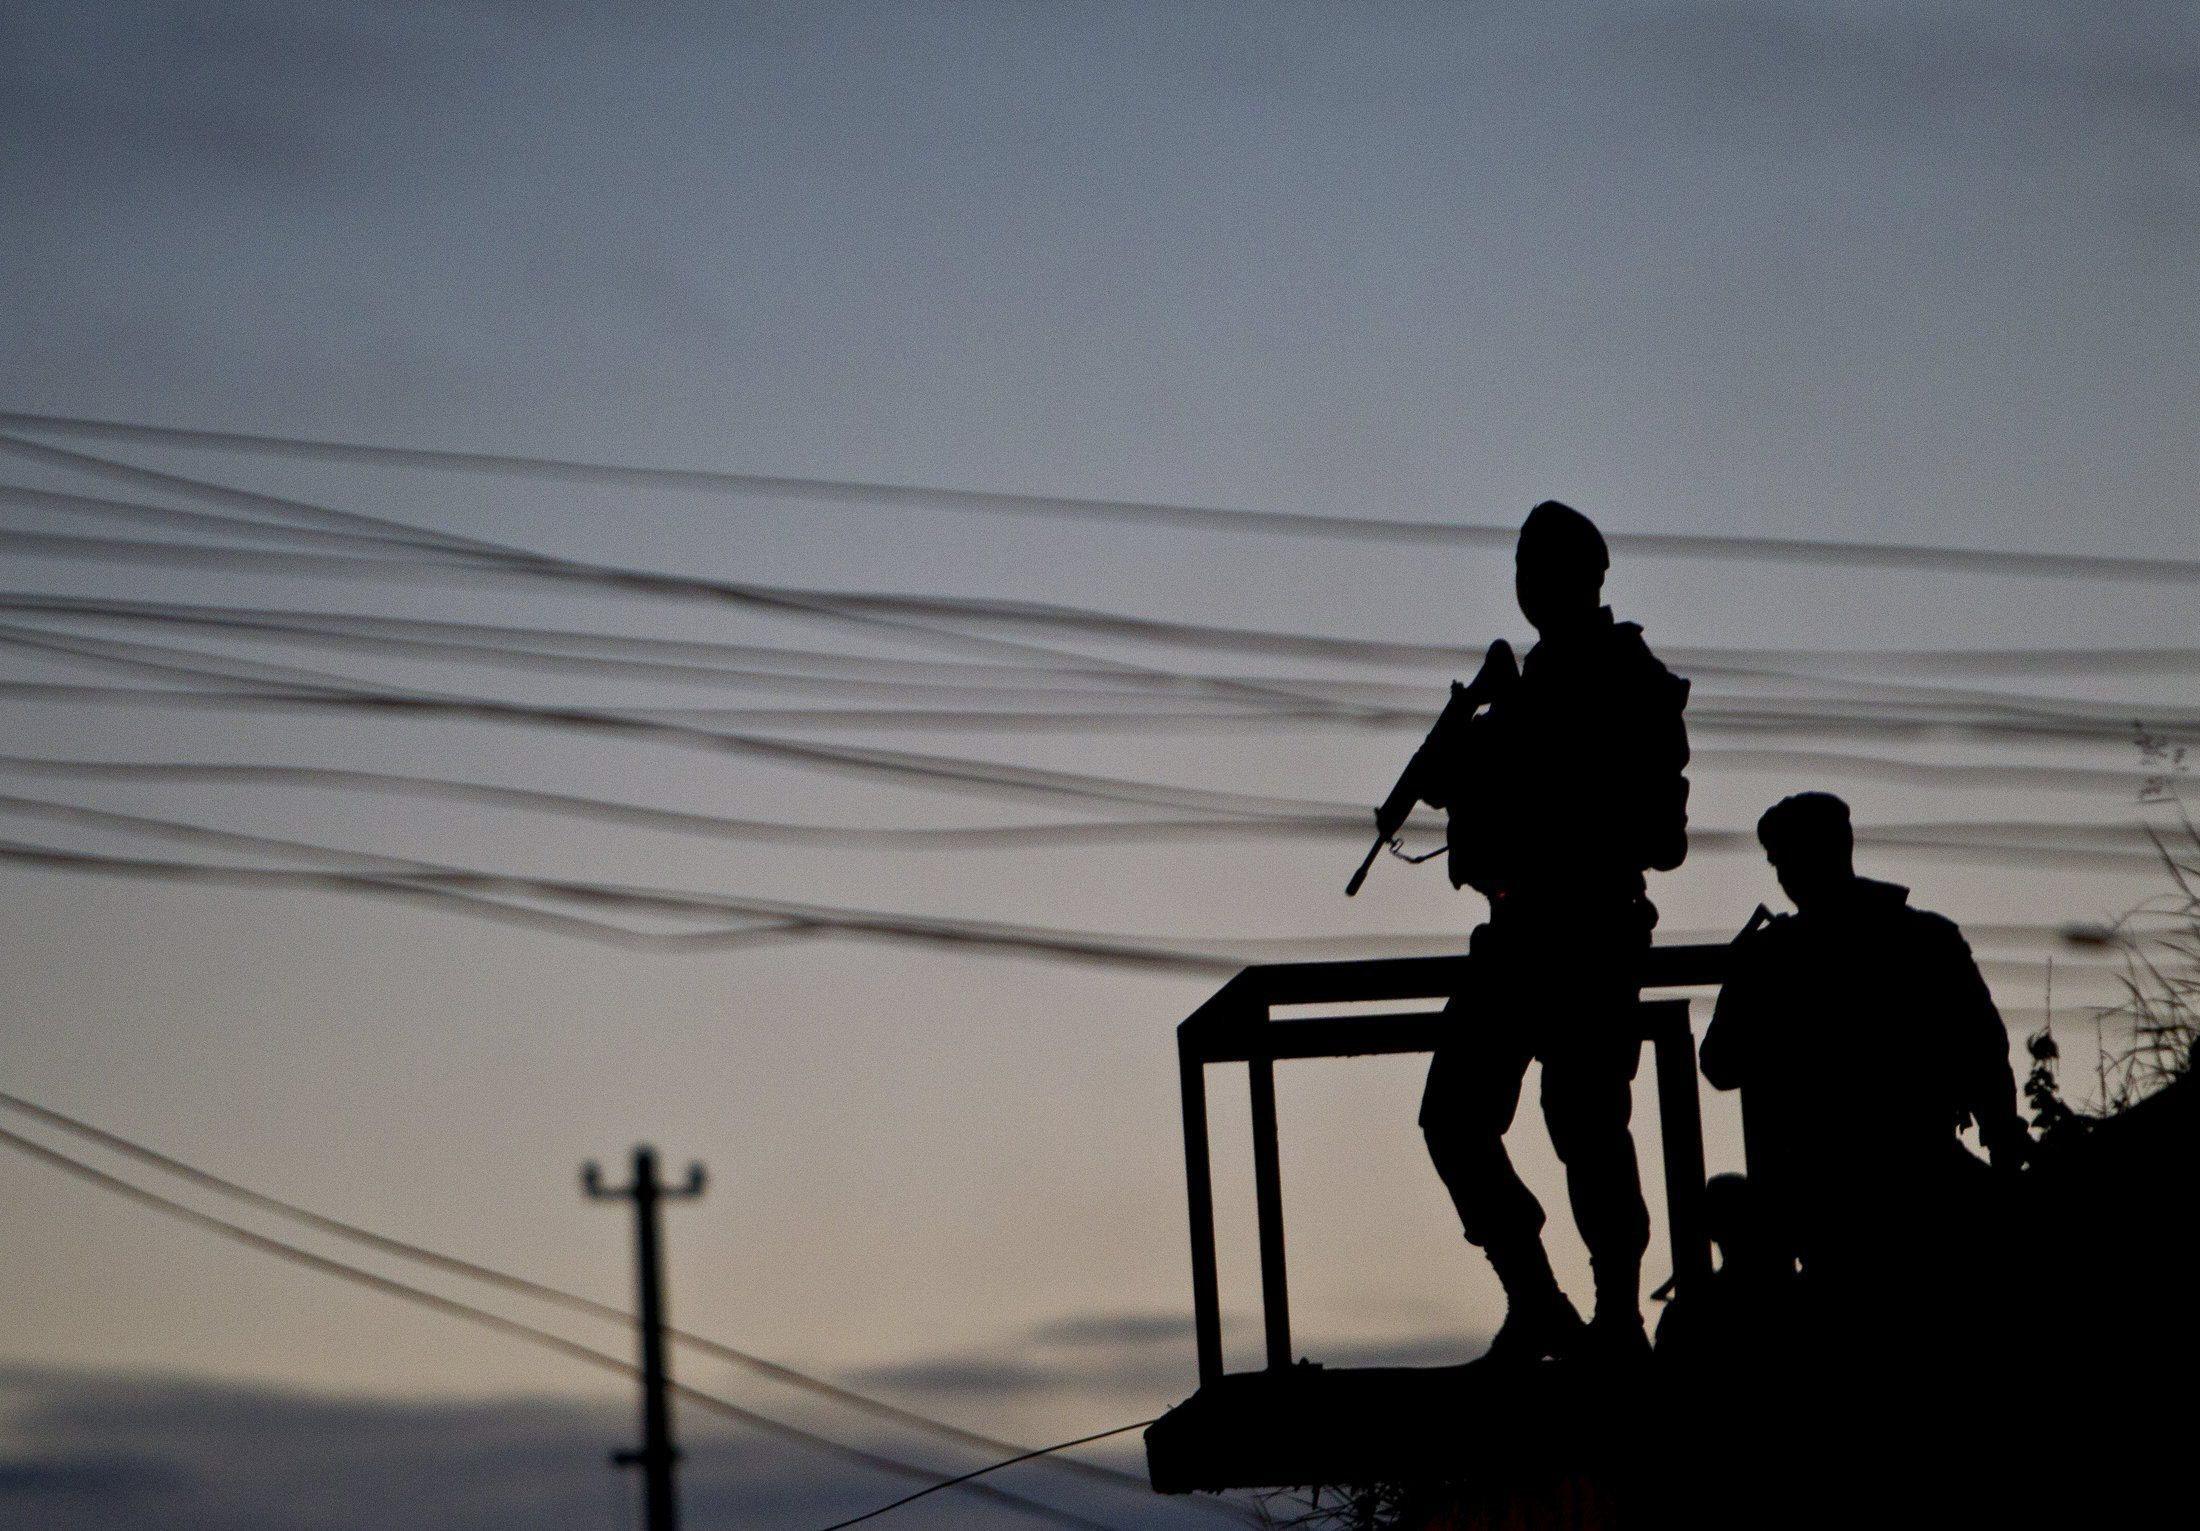 Execuções extrajudiciais de civis: quem vai julgar os militares no Brasil?